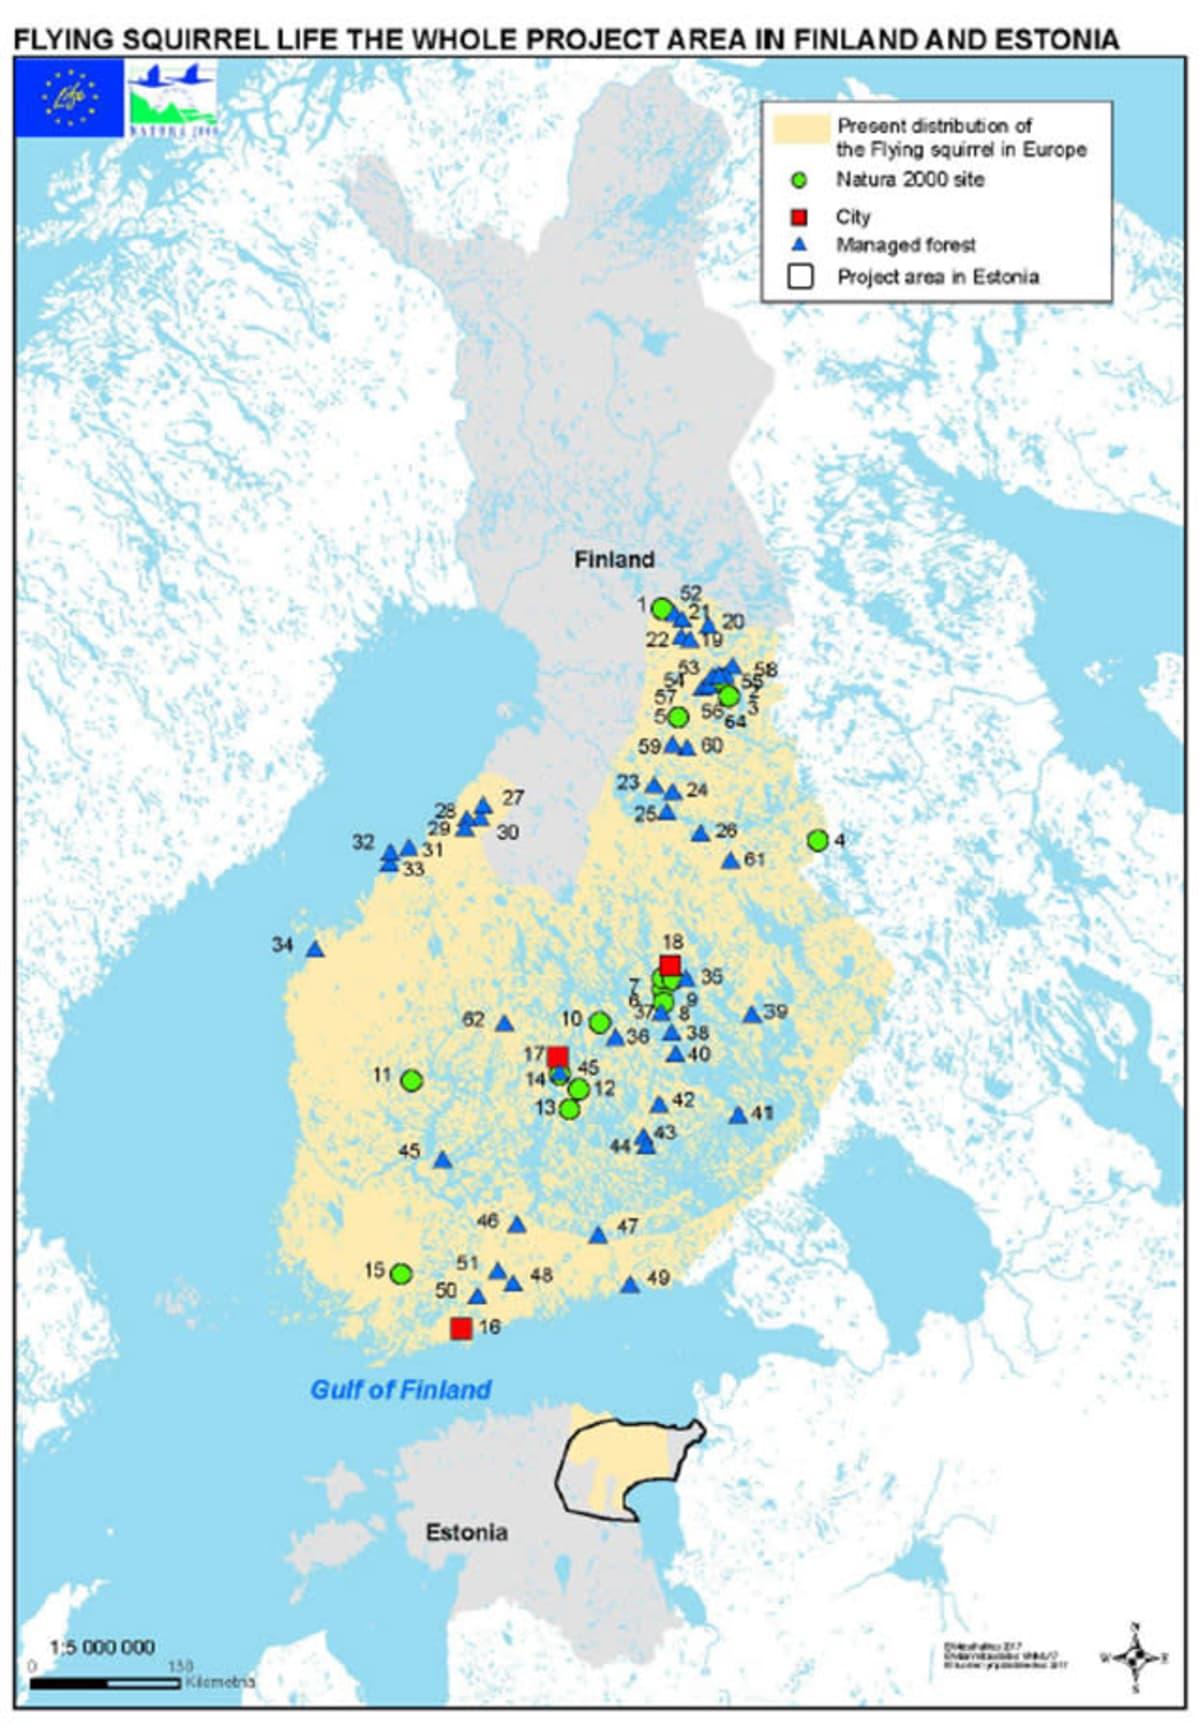 kartta johon merkattu alueita